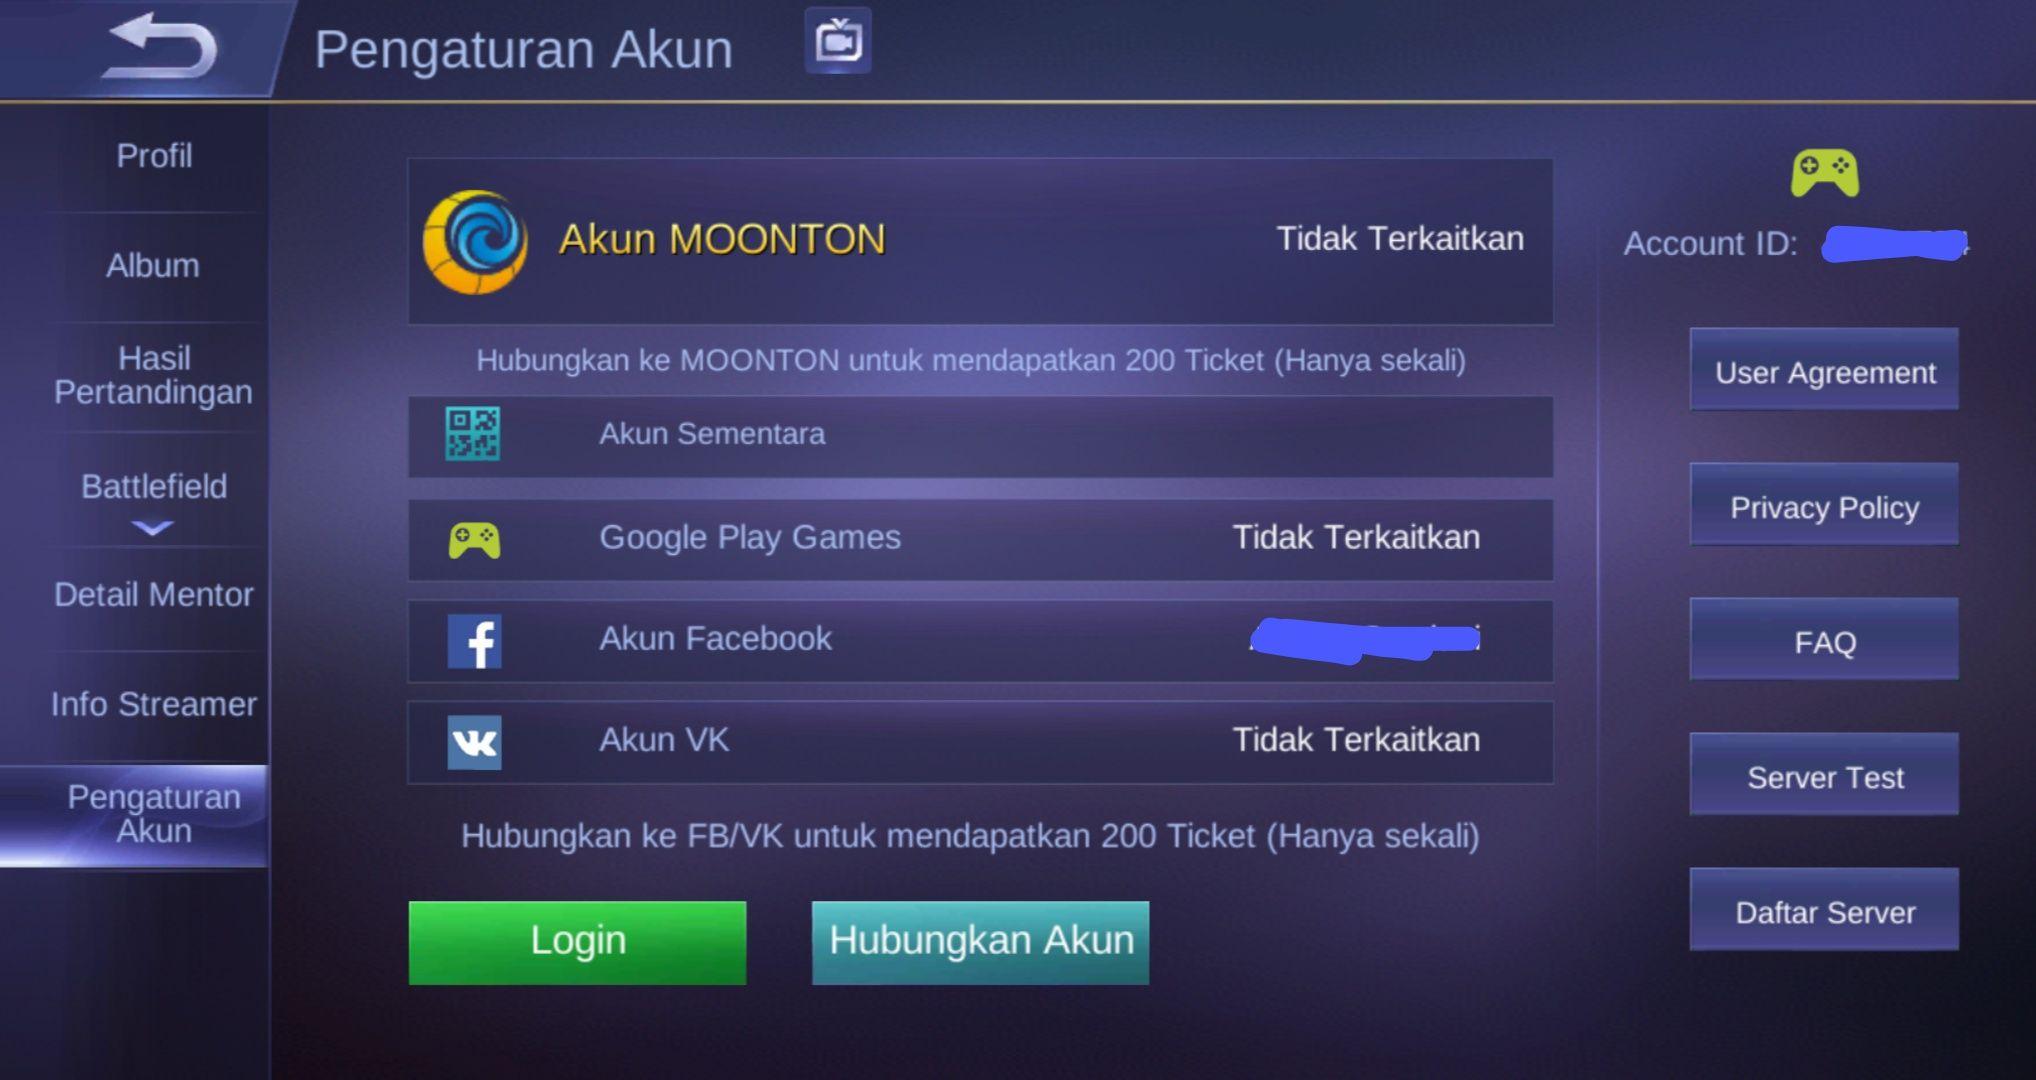 Ini Cara Mengembalikan Akun Mobile Legends Yang Hilang Setelah Update Versi Cepat Semua Halaman Grid Games